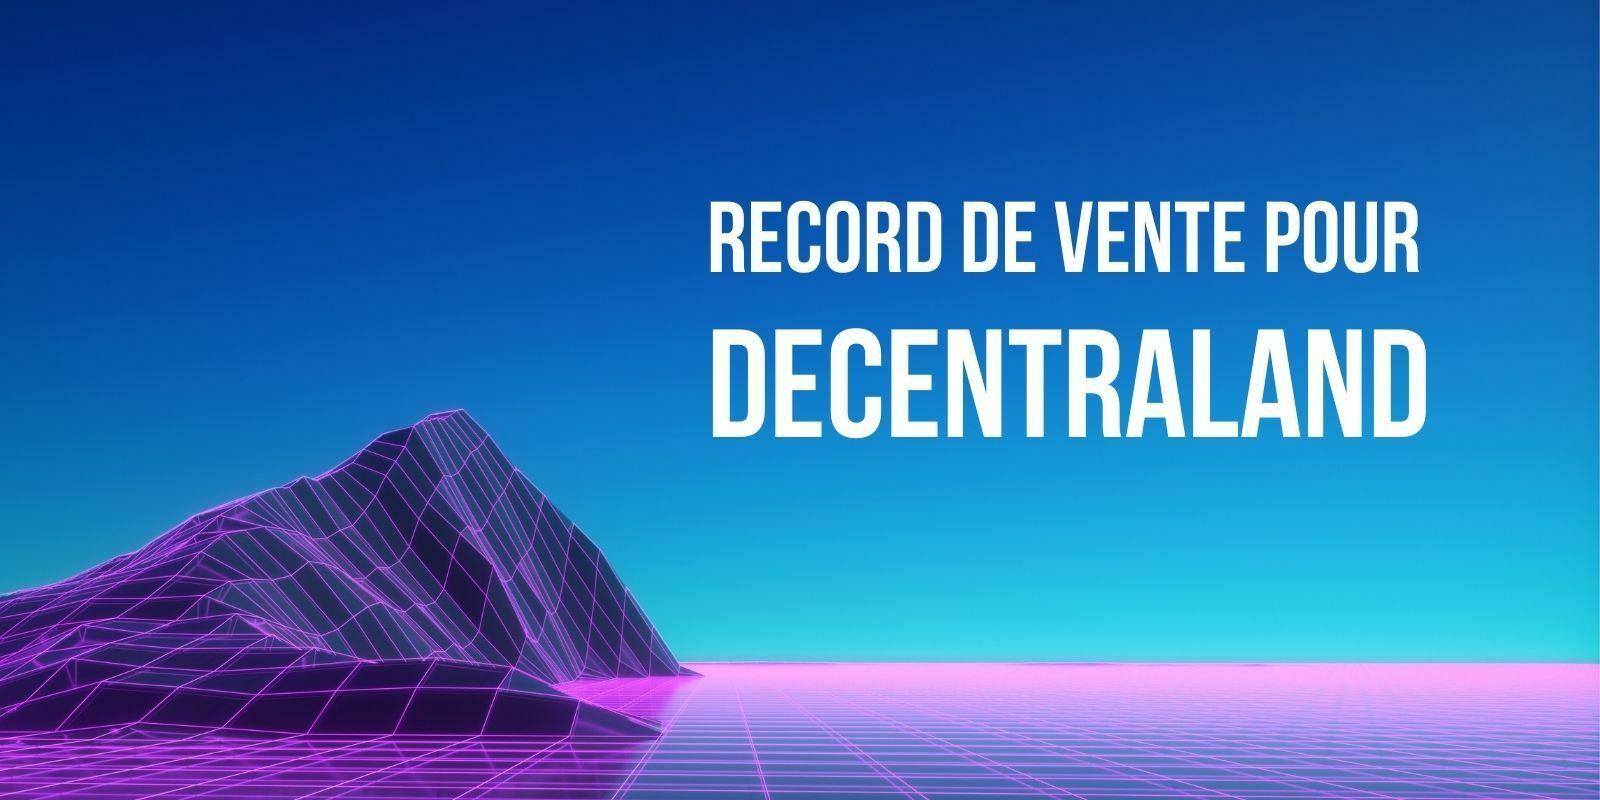 Un lot de terrains du monde virtuel Decentraland (MANA) s'est vendu près de 1M$